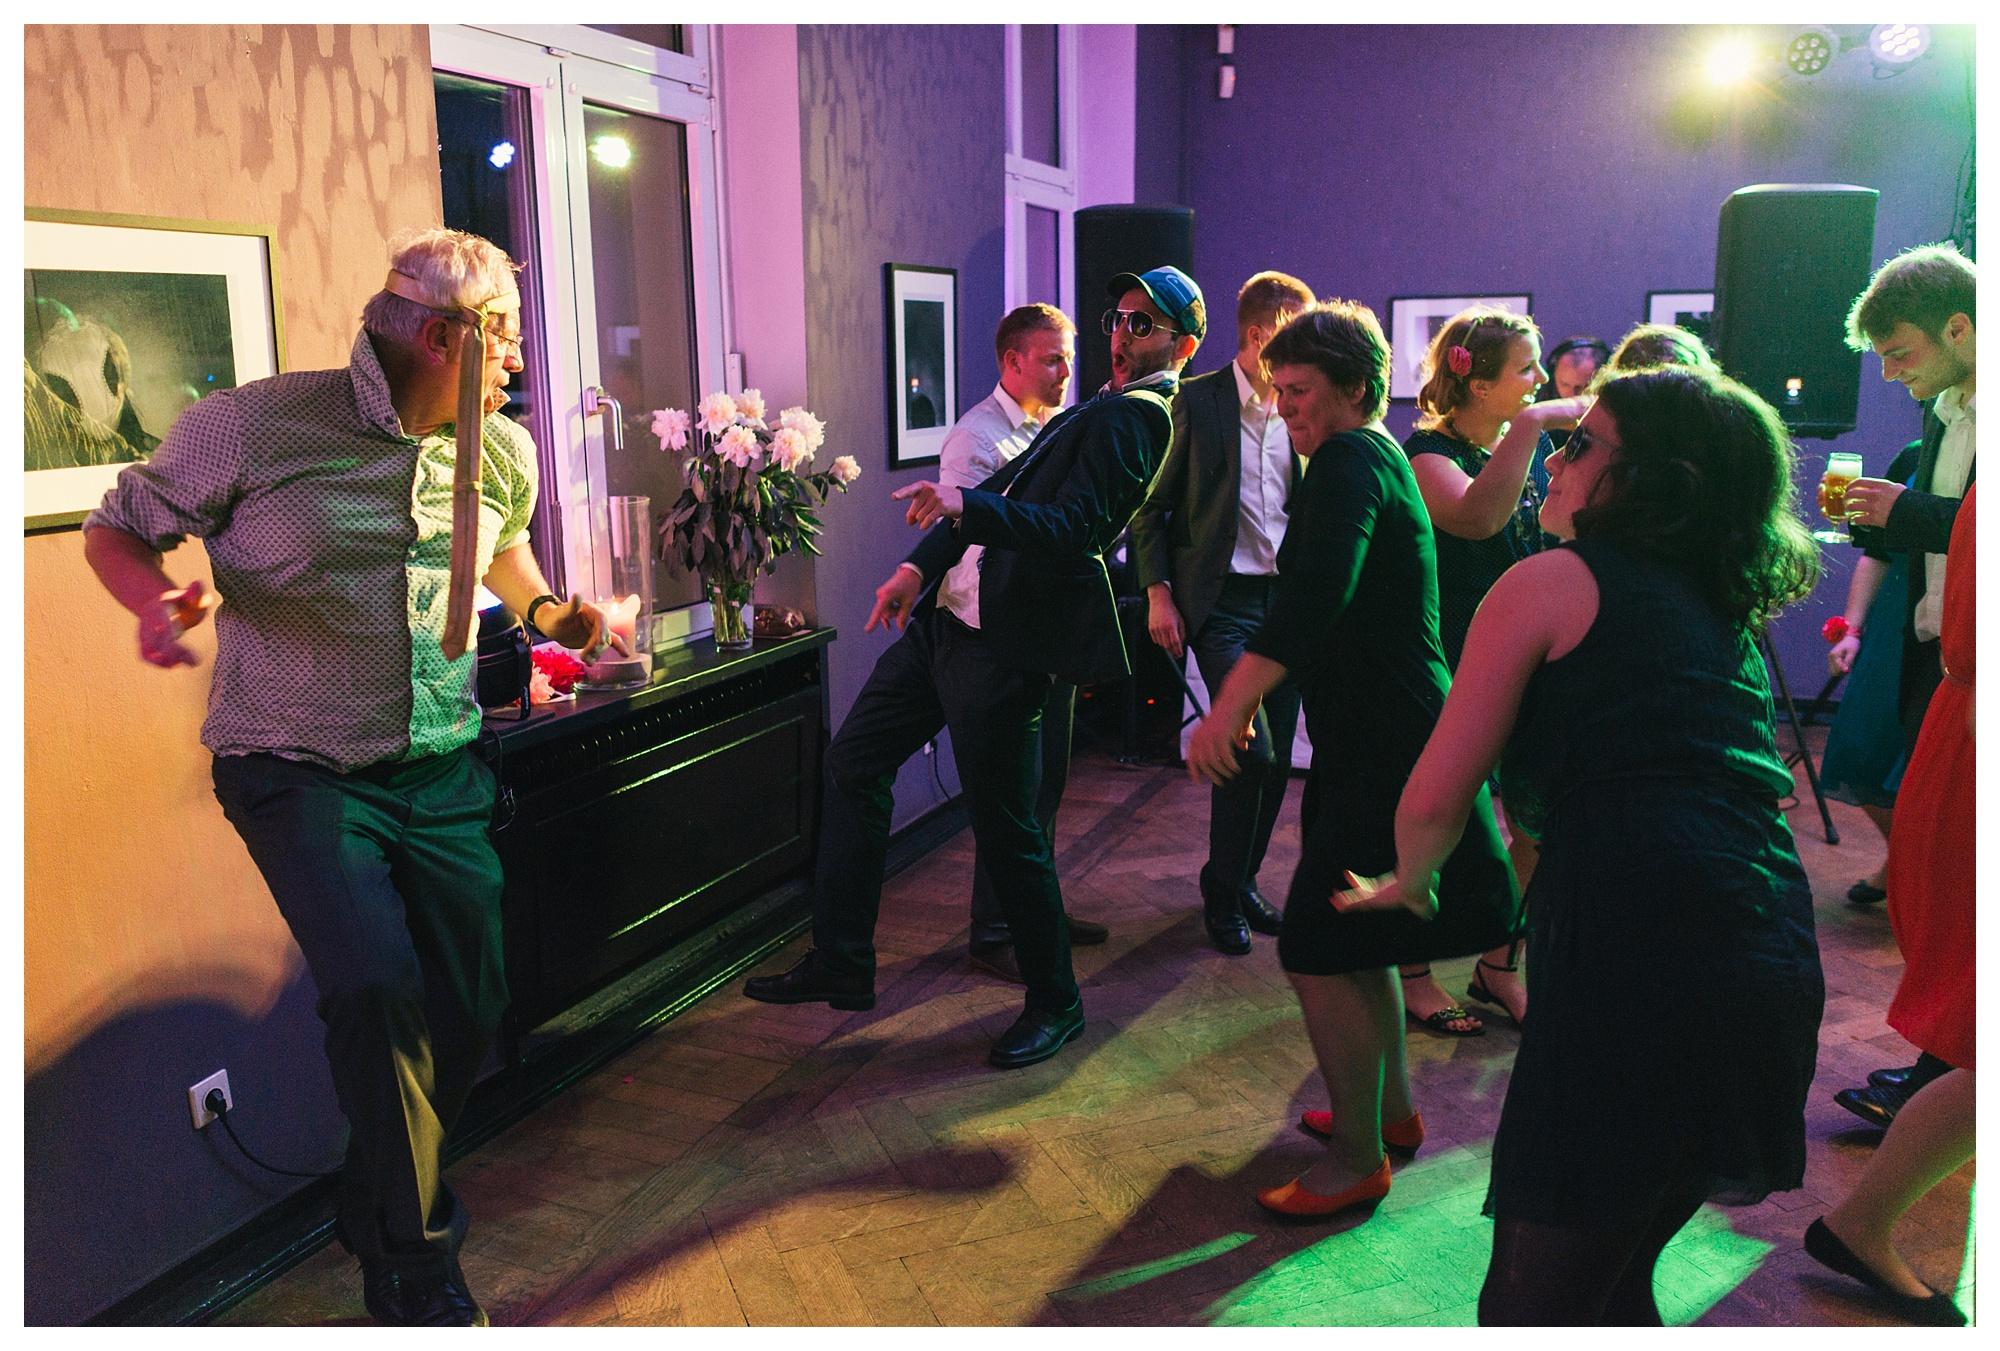 Fotograf Konstanz - Best of 2014 Elmar Feuerbacher Photography Hochzeit Portrait 026 - Rückblick auf 2014  - 43 -